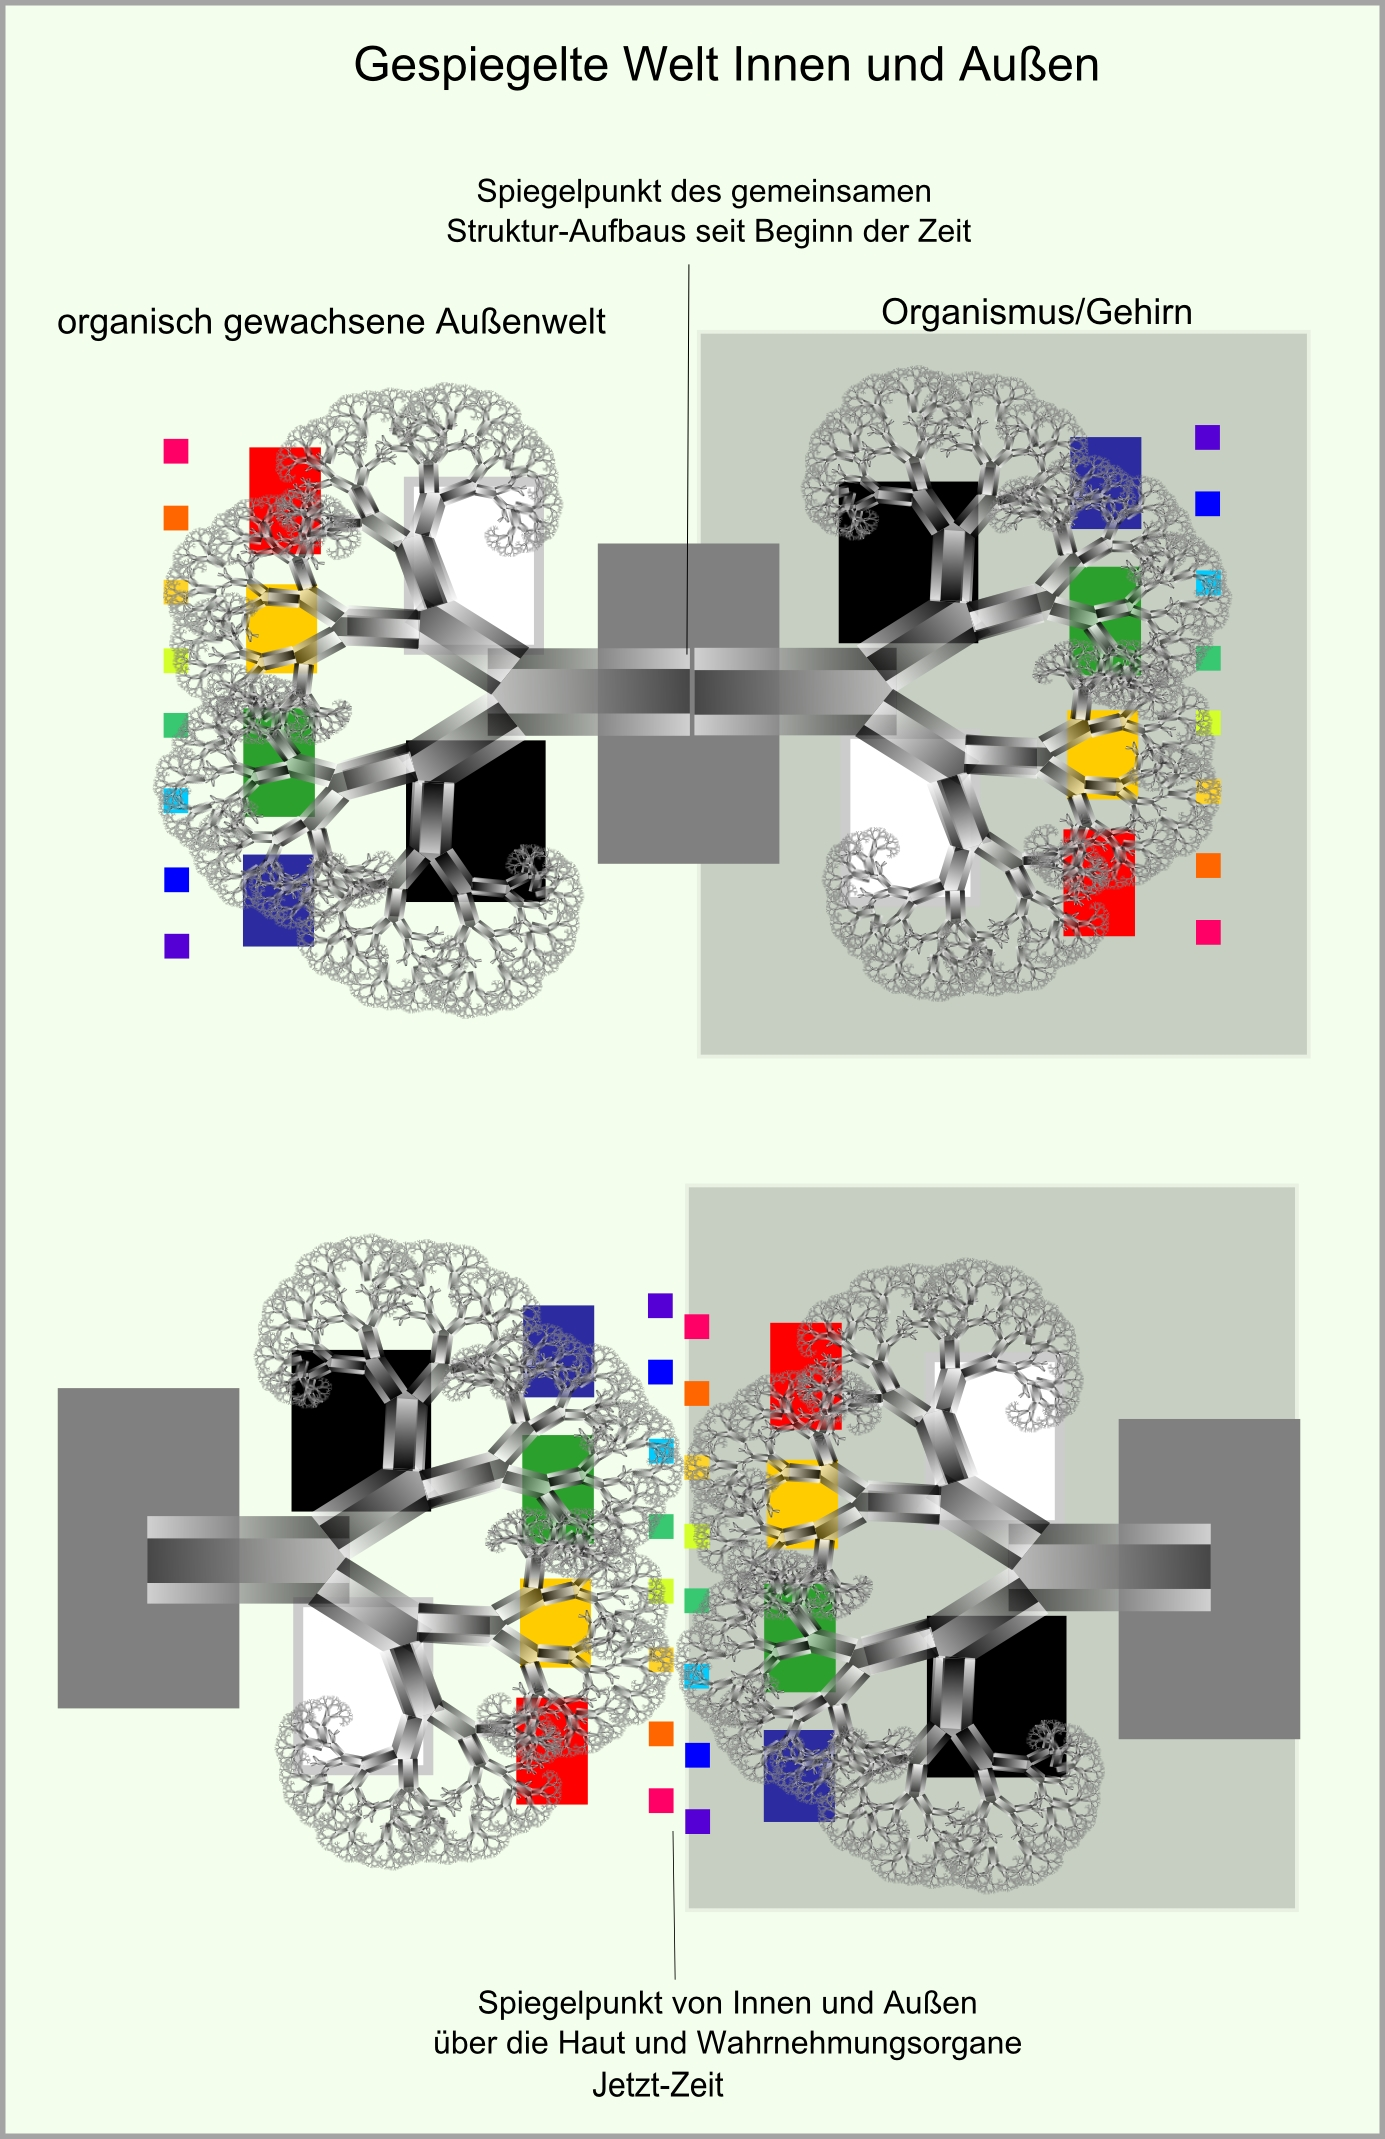 Gehirnbaum Universumbaum abb51